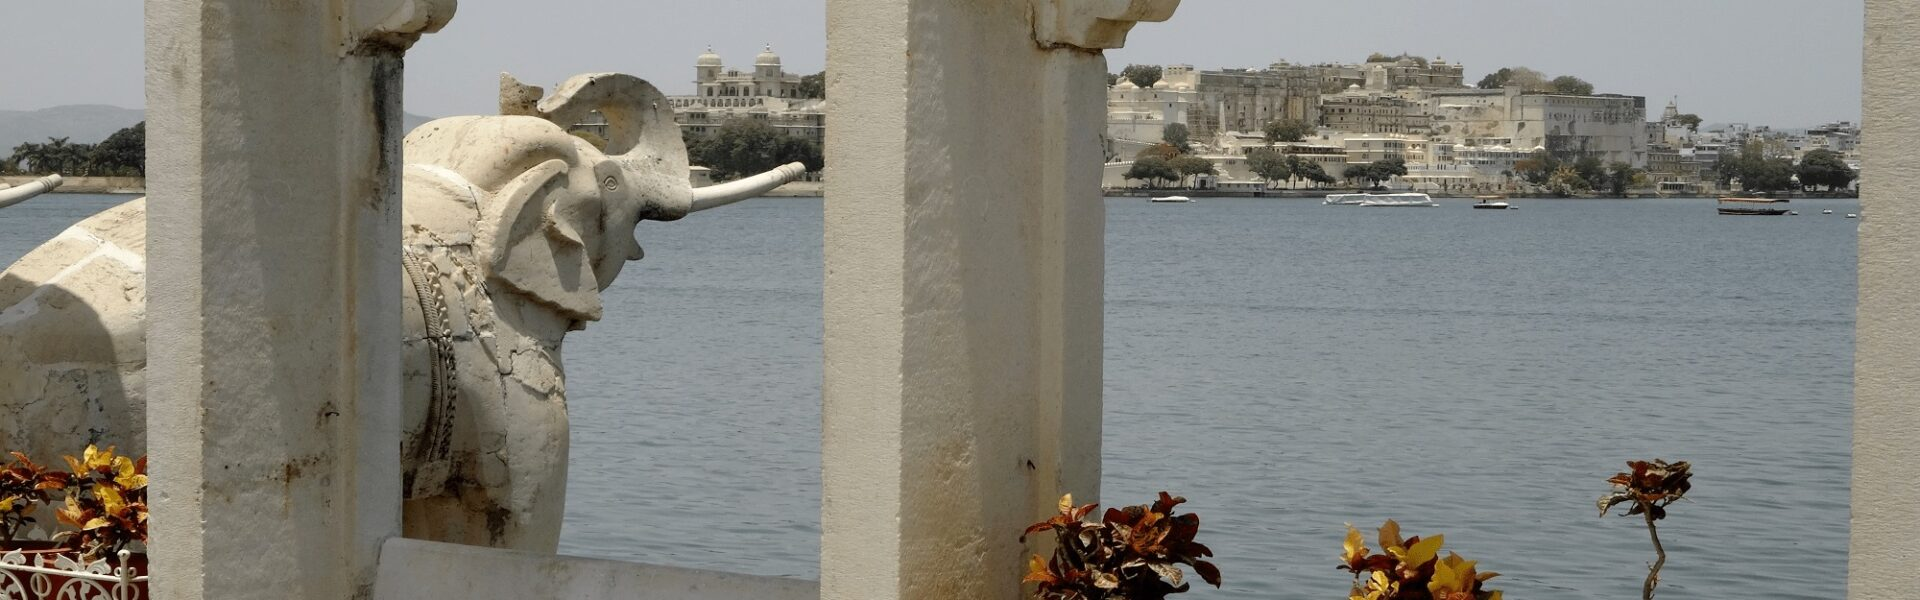 Vous souhaitez développer et adapter votre offre au marché francophone ? - Lac d'Udaipur